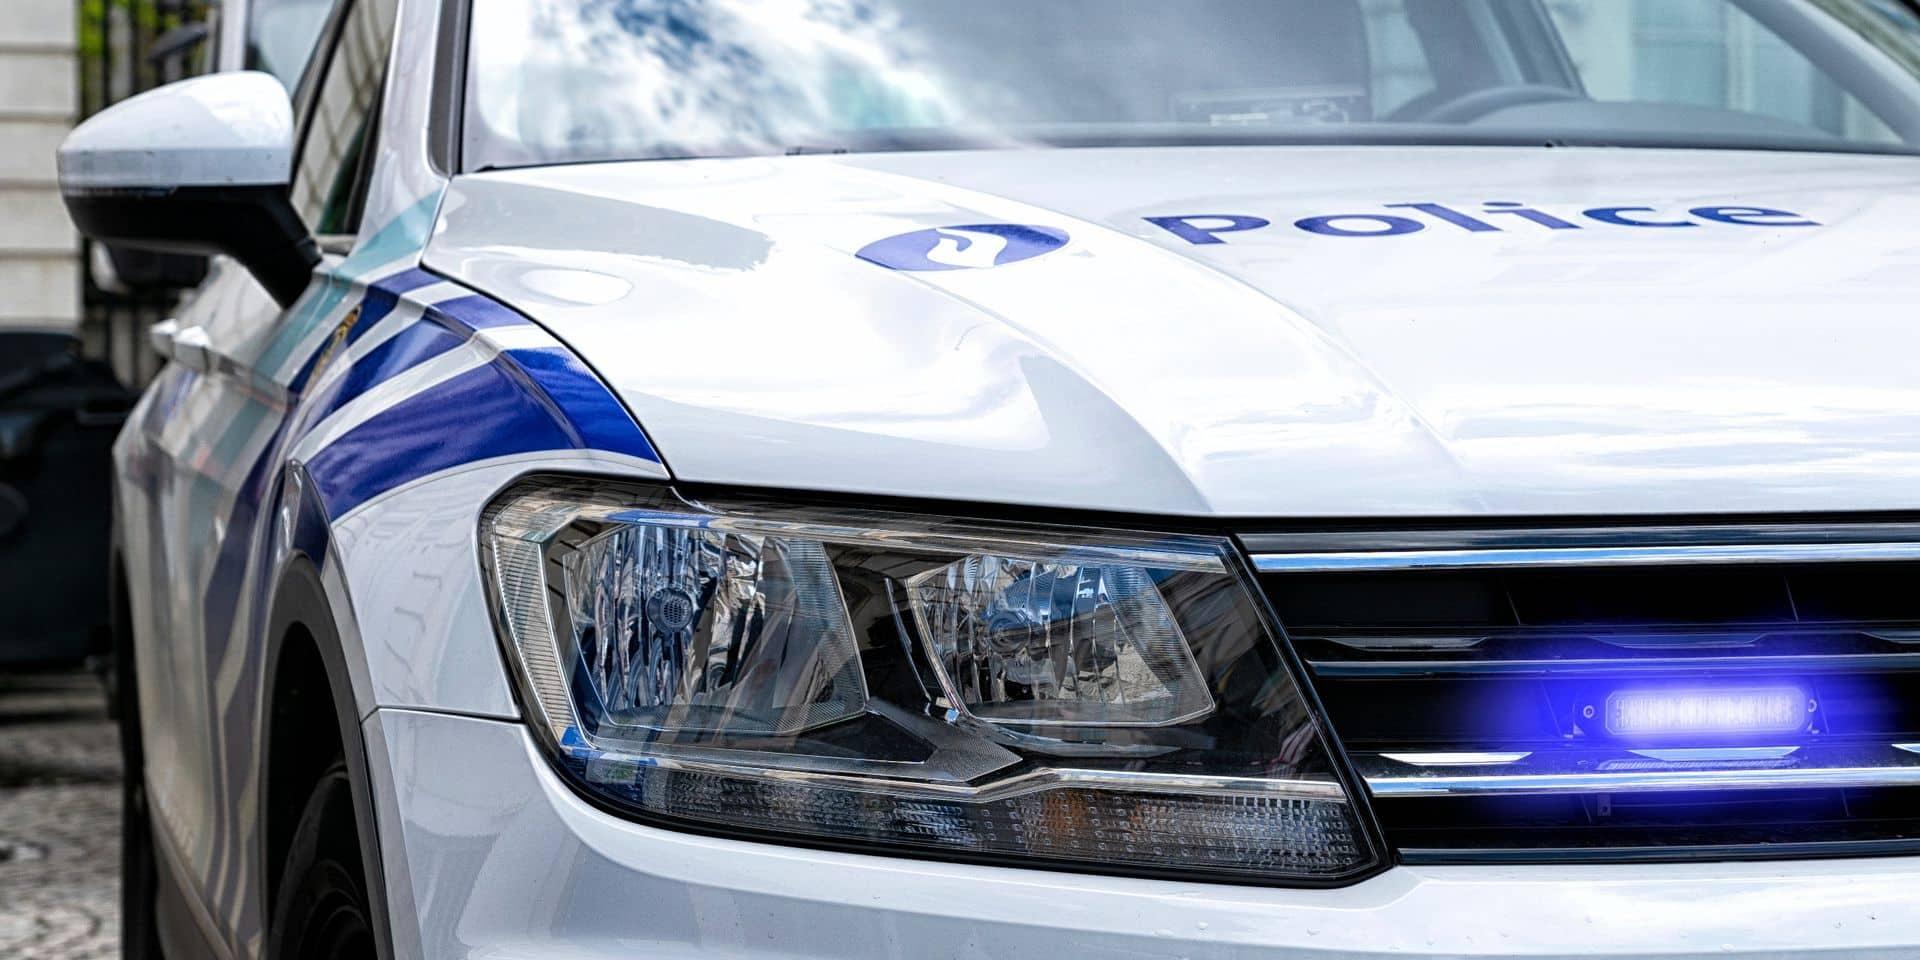 Un mort dans une explosion de gaz à son domicile à Zele